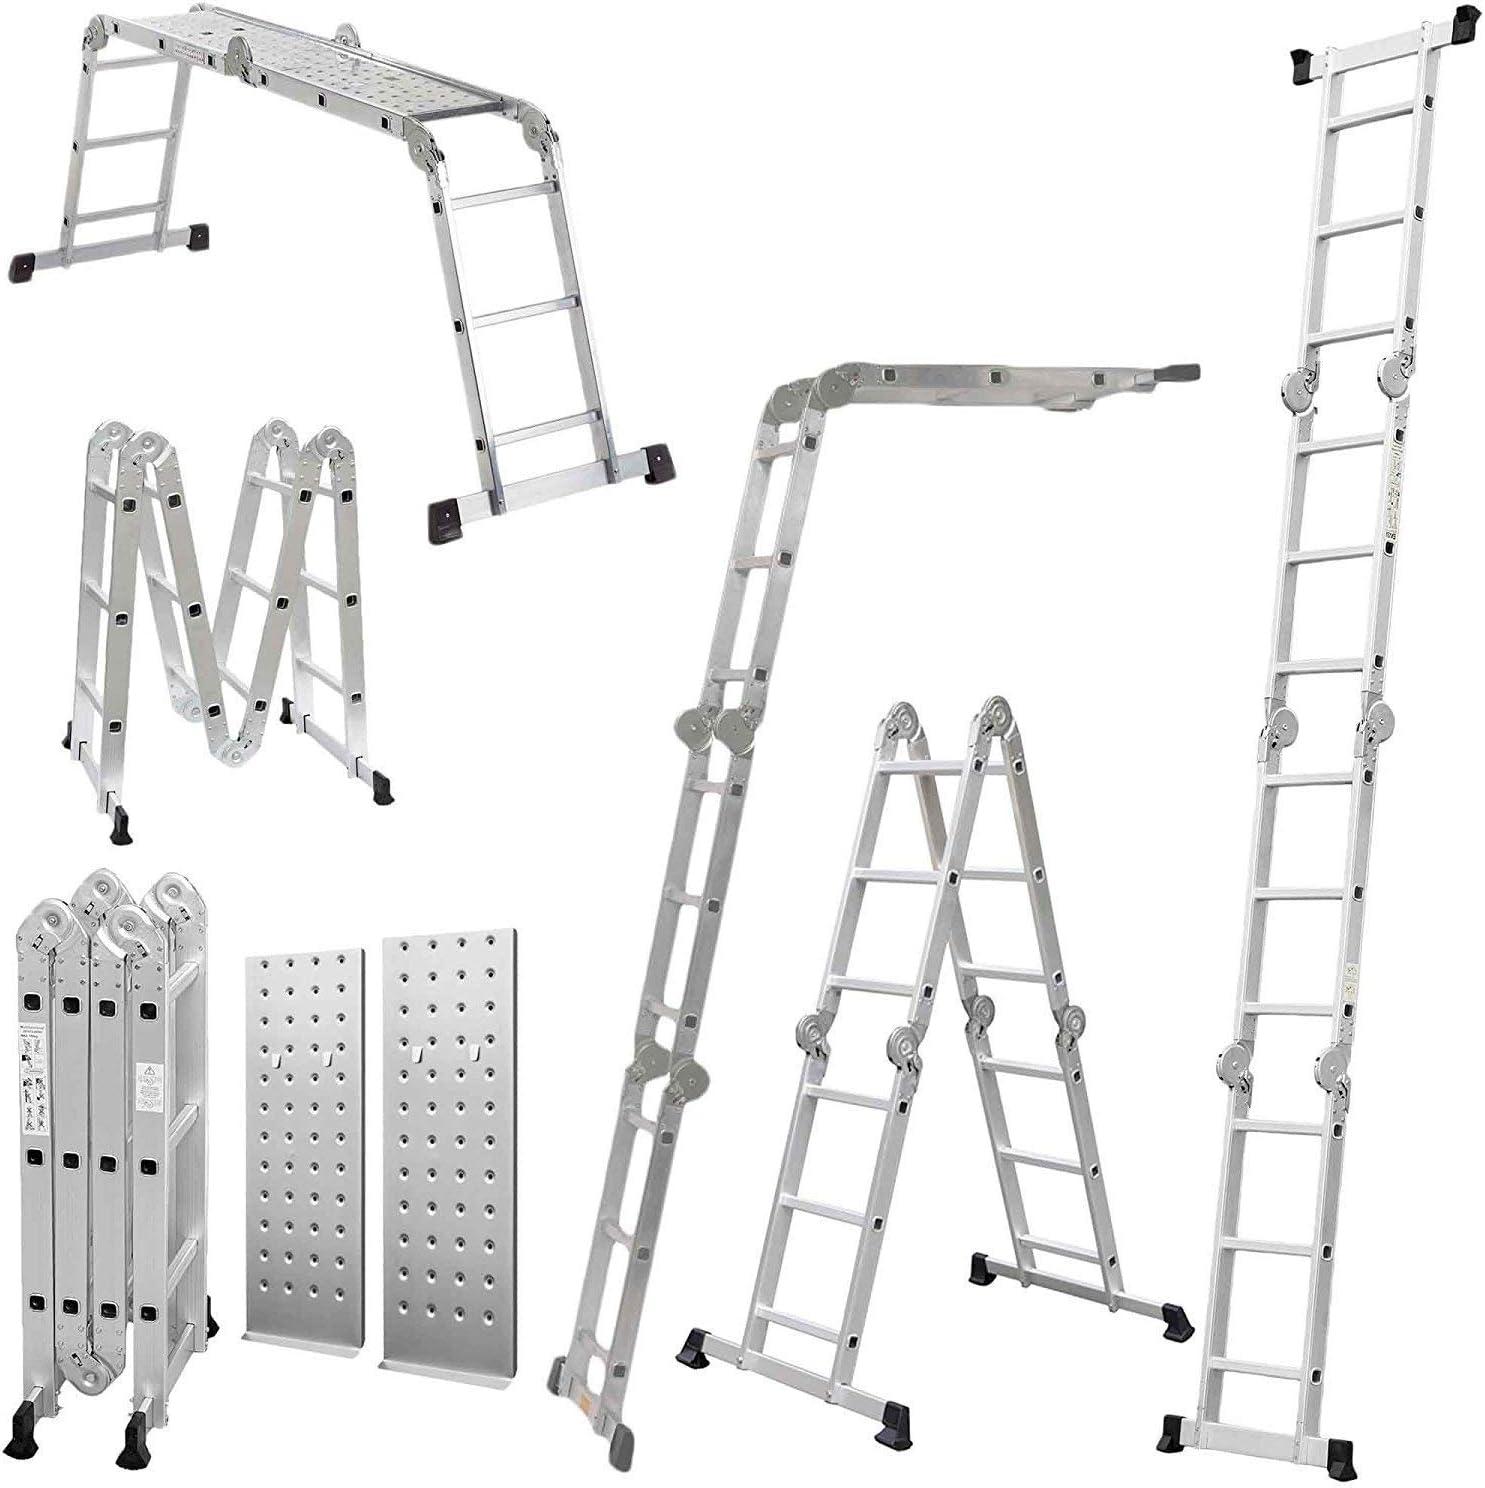 GABZ 4x4 - Escalera multifunción de aluminio (4,7 m, 2 plataformas): Amazon.es: Bricolaje y herramientas